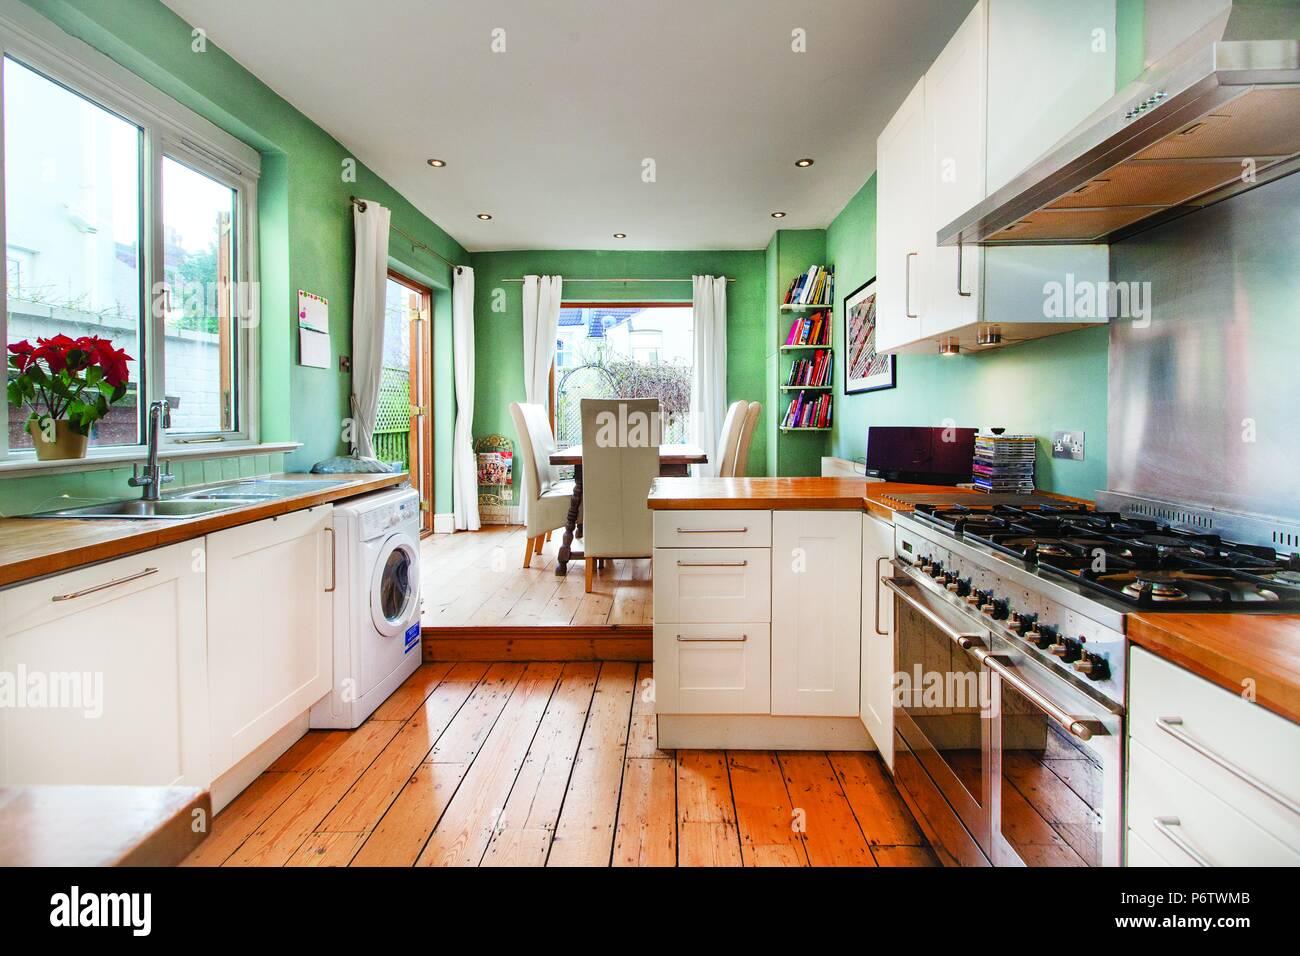 Moderne englische Küche Stockfoto, Bild: 210759371 - Alamy